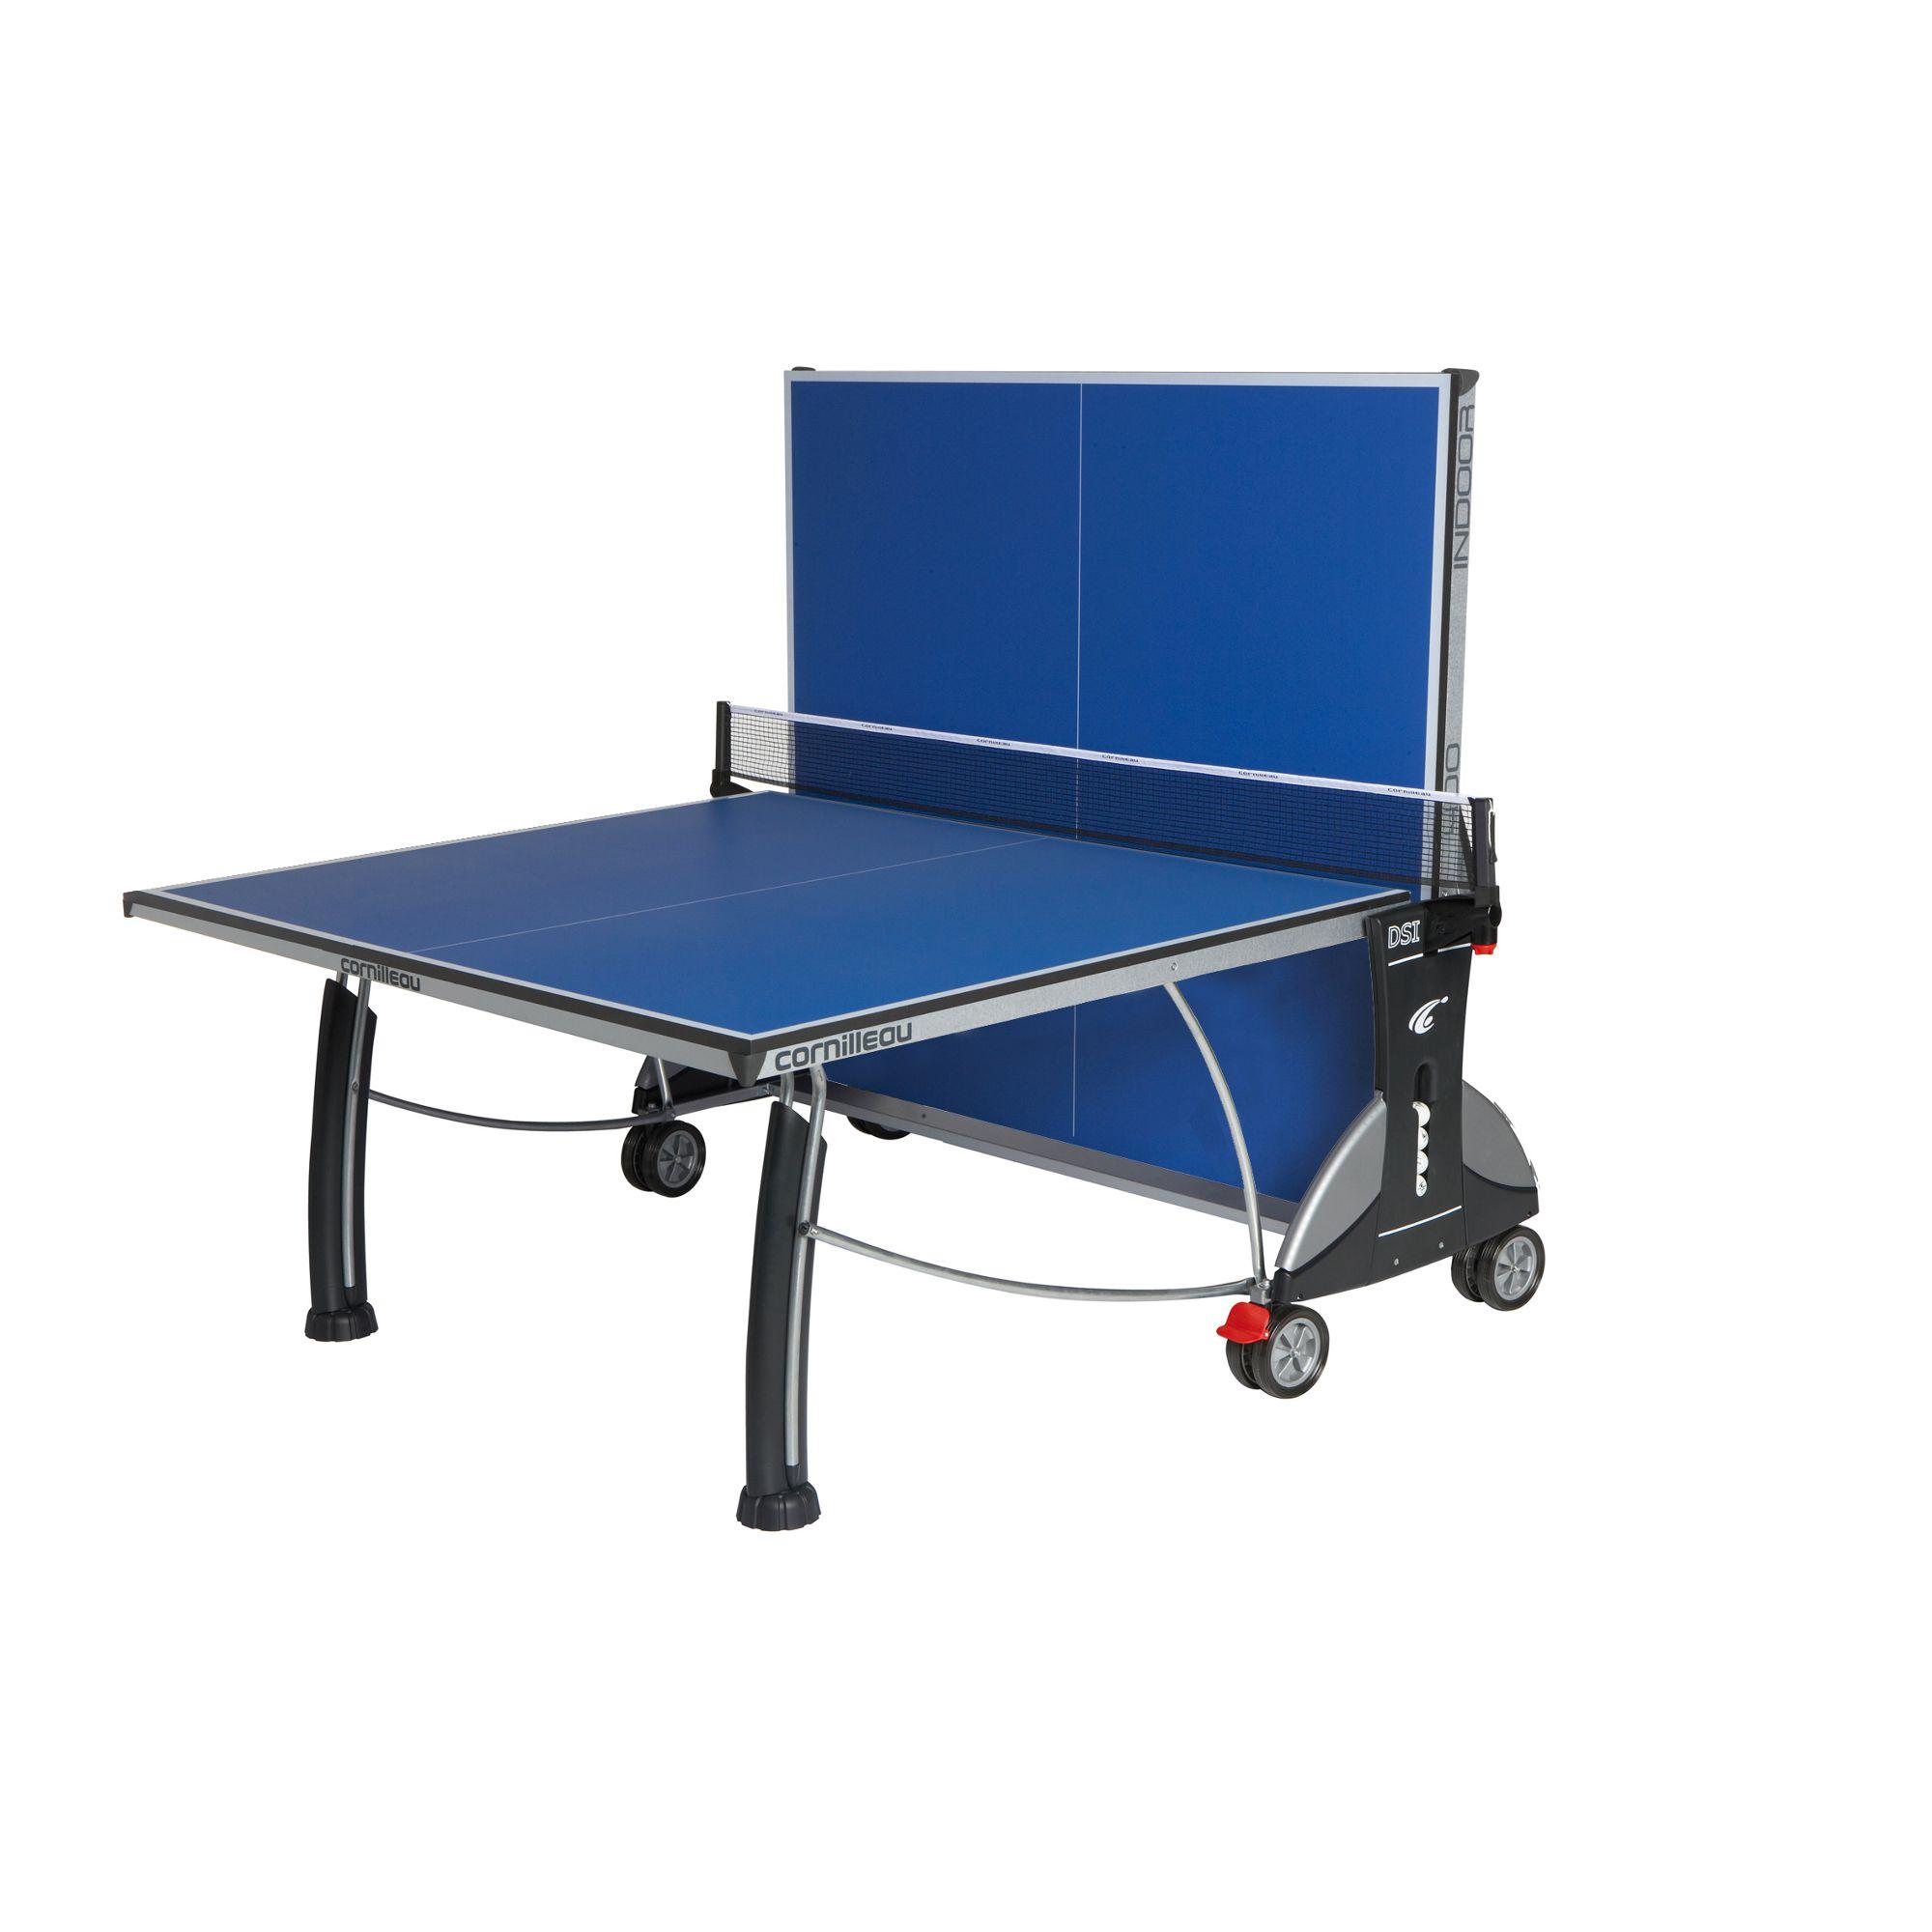 Cornilleau sport 400 rollaway indoor table tennis table - Table tennis de table cornilleau outdoor ...